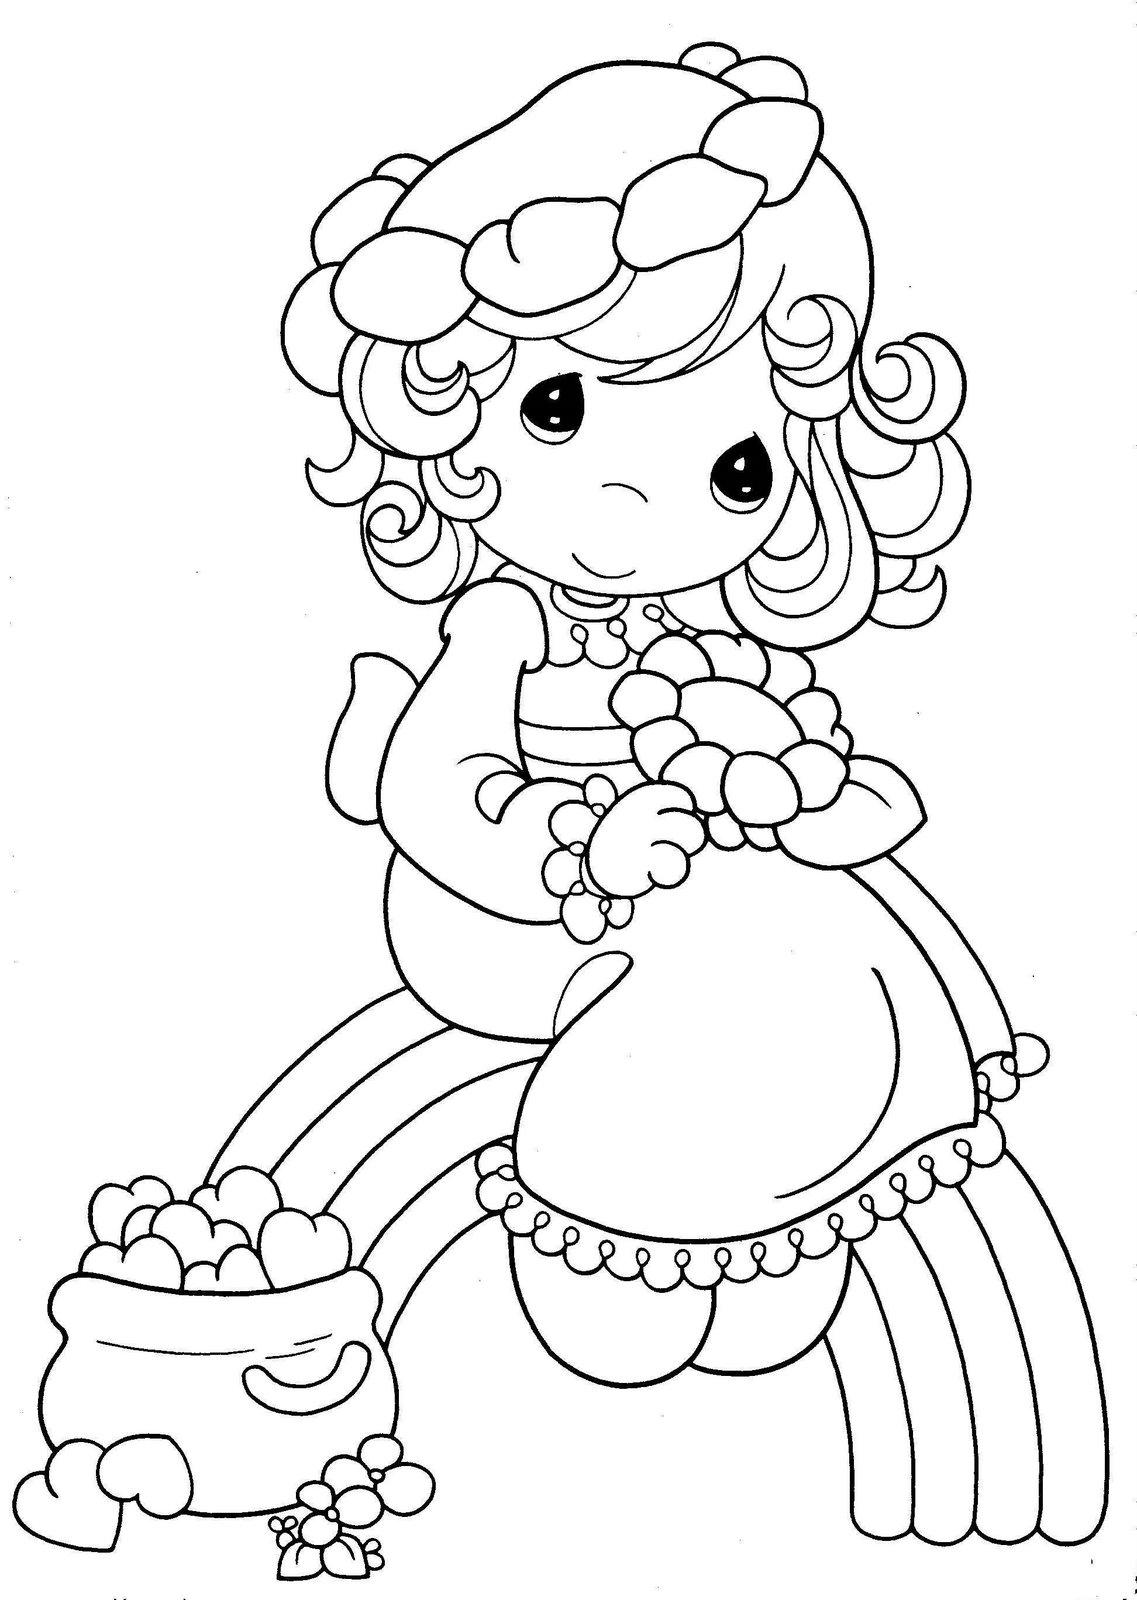 Arcoiris para colorear - Dibujos para Colorear y Pintar Gratis